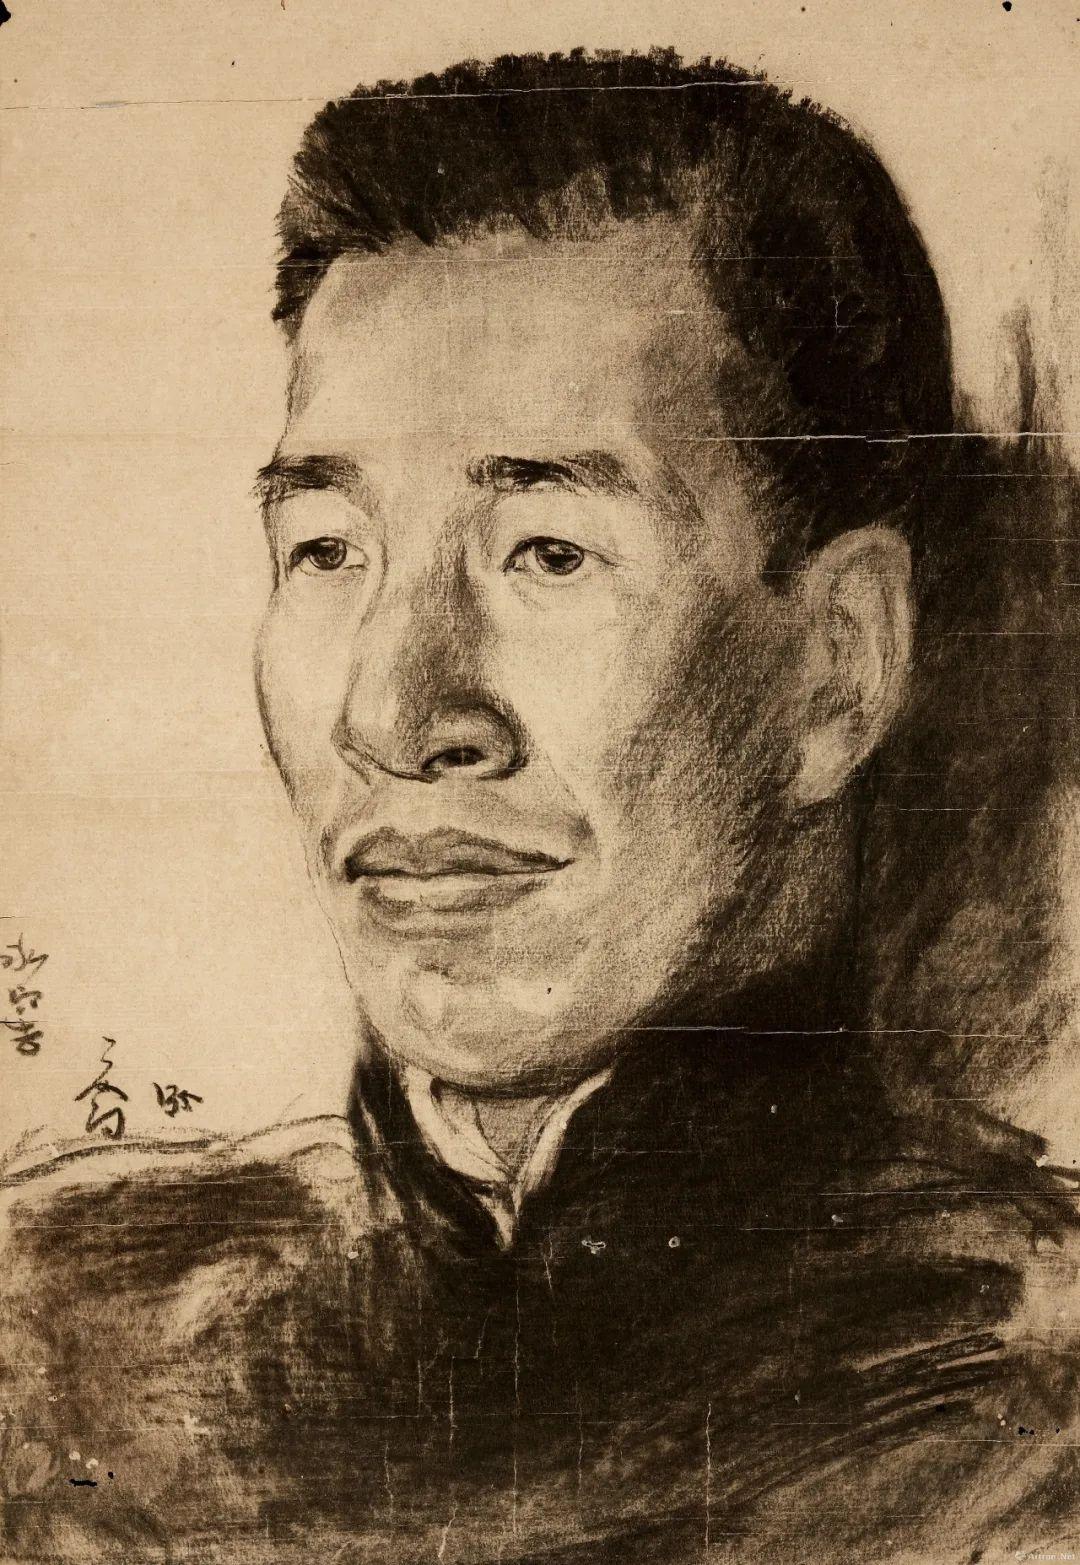 ▲司徒乔 容庚像 46×31.4cm 纸本素描 1935年 莞城美术馆藏